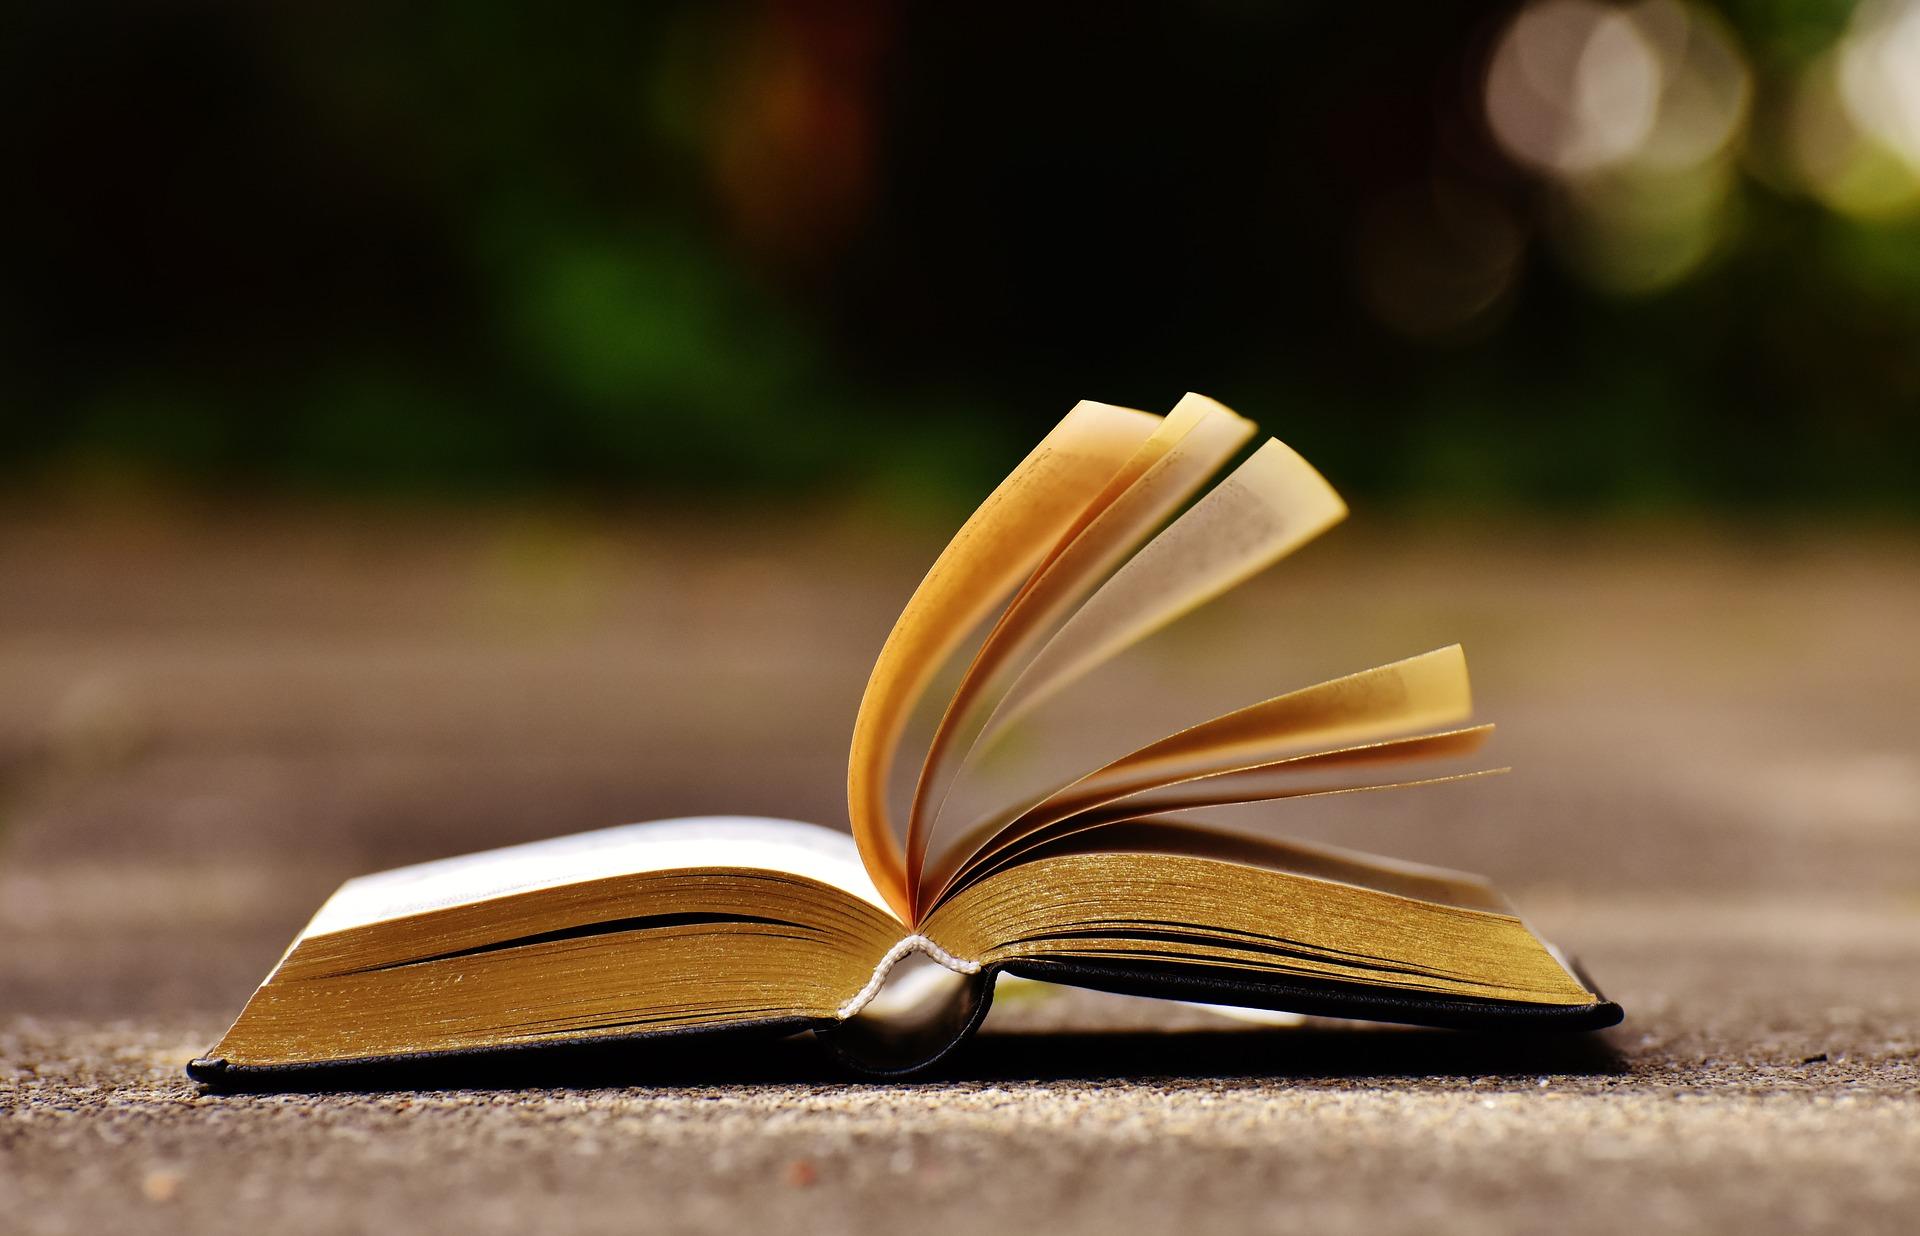 book-1738609_1920